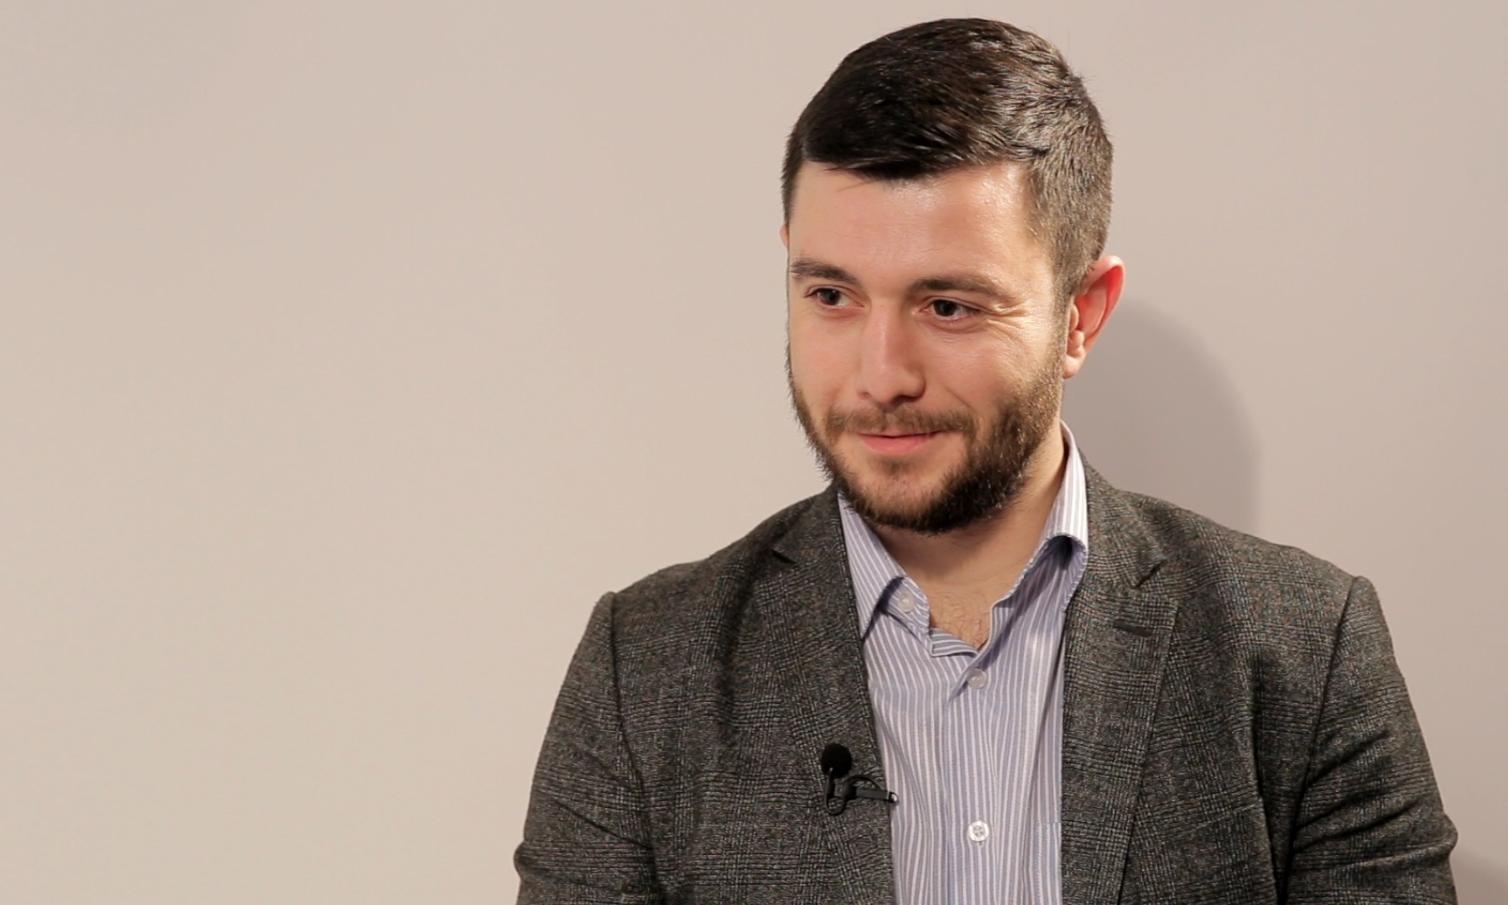 Interviu // Sergiu Burlacu: E timpul să lăsăm orgoliile la o parte, altfel, am putea să ne trezim cu o dictatură